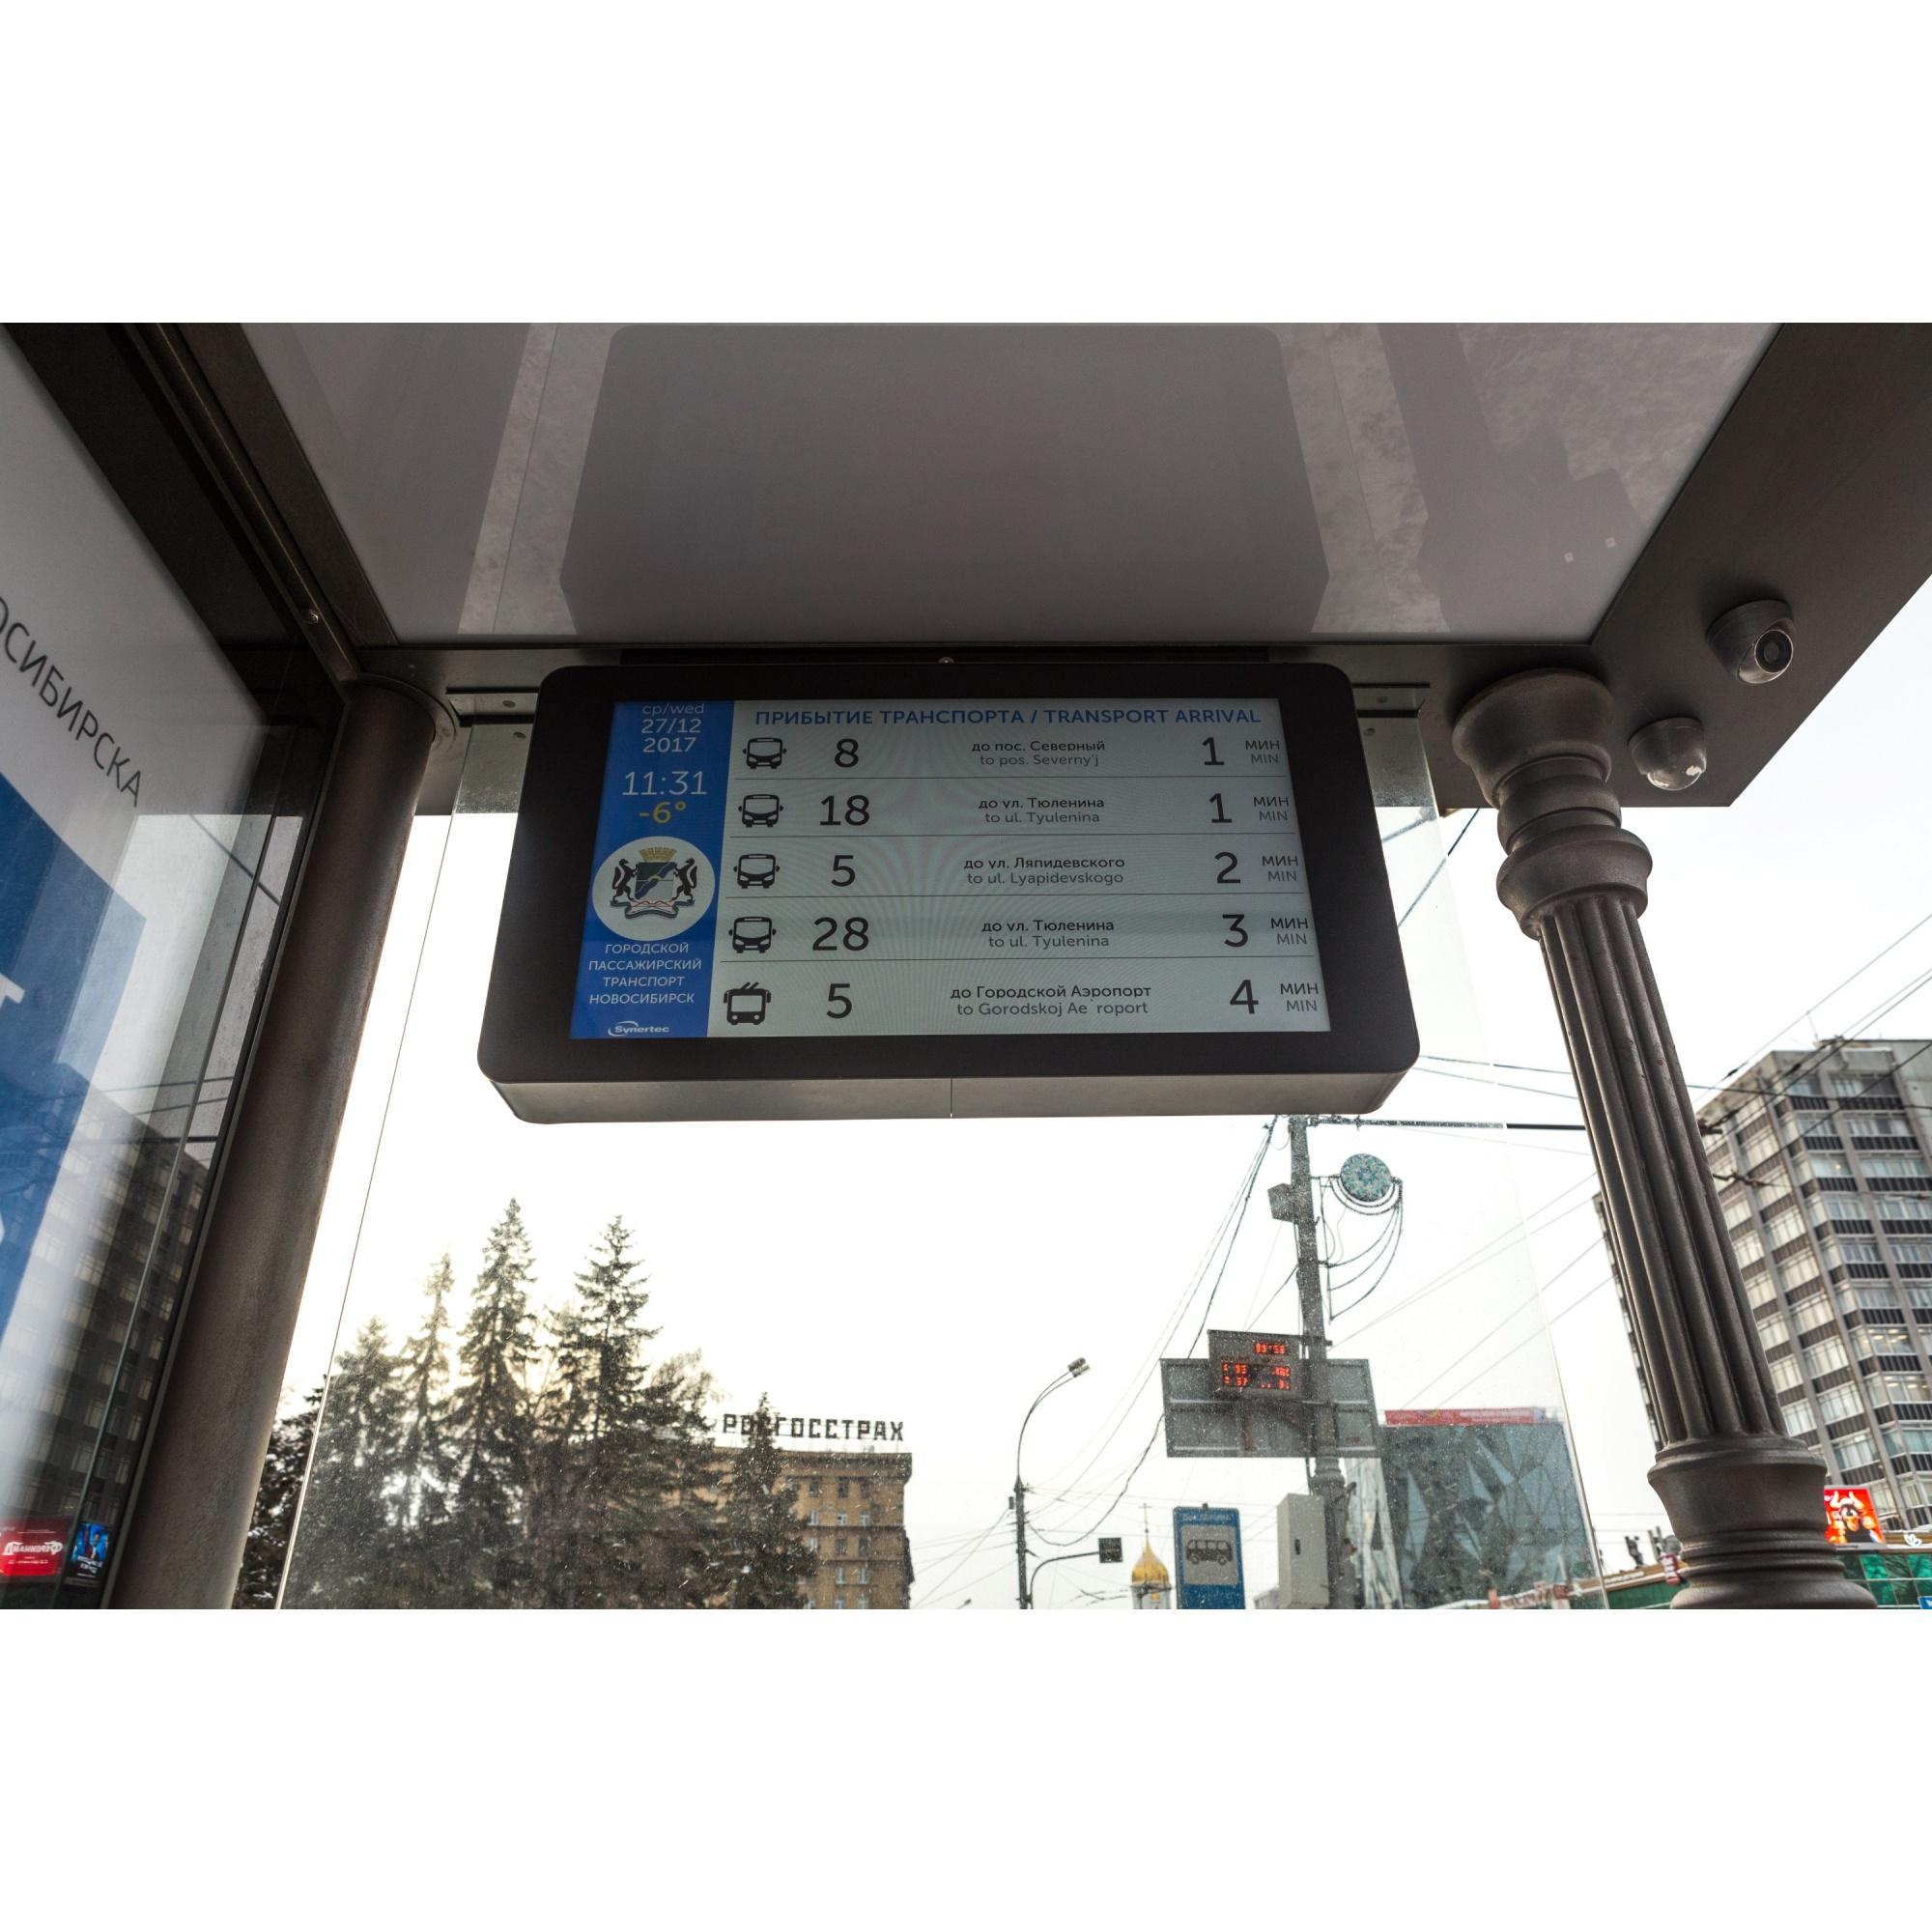 На электронном табло расписание движения транспорта и время до его прибытия. Также на табло дата и температура воздуха